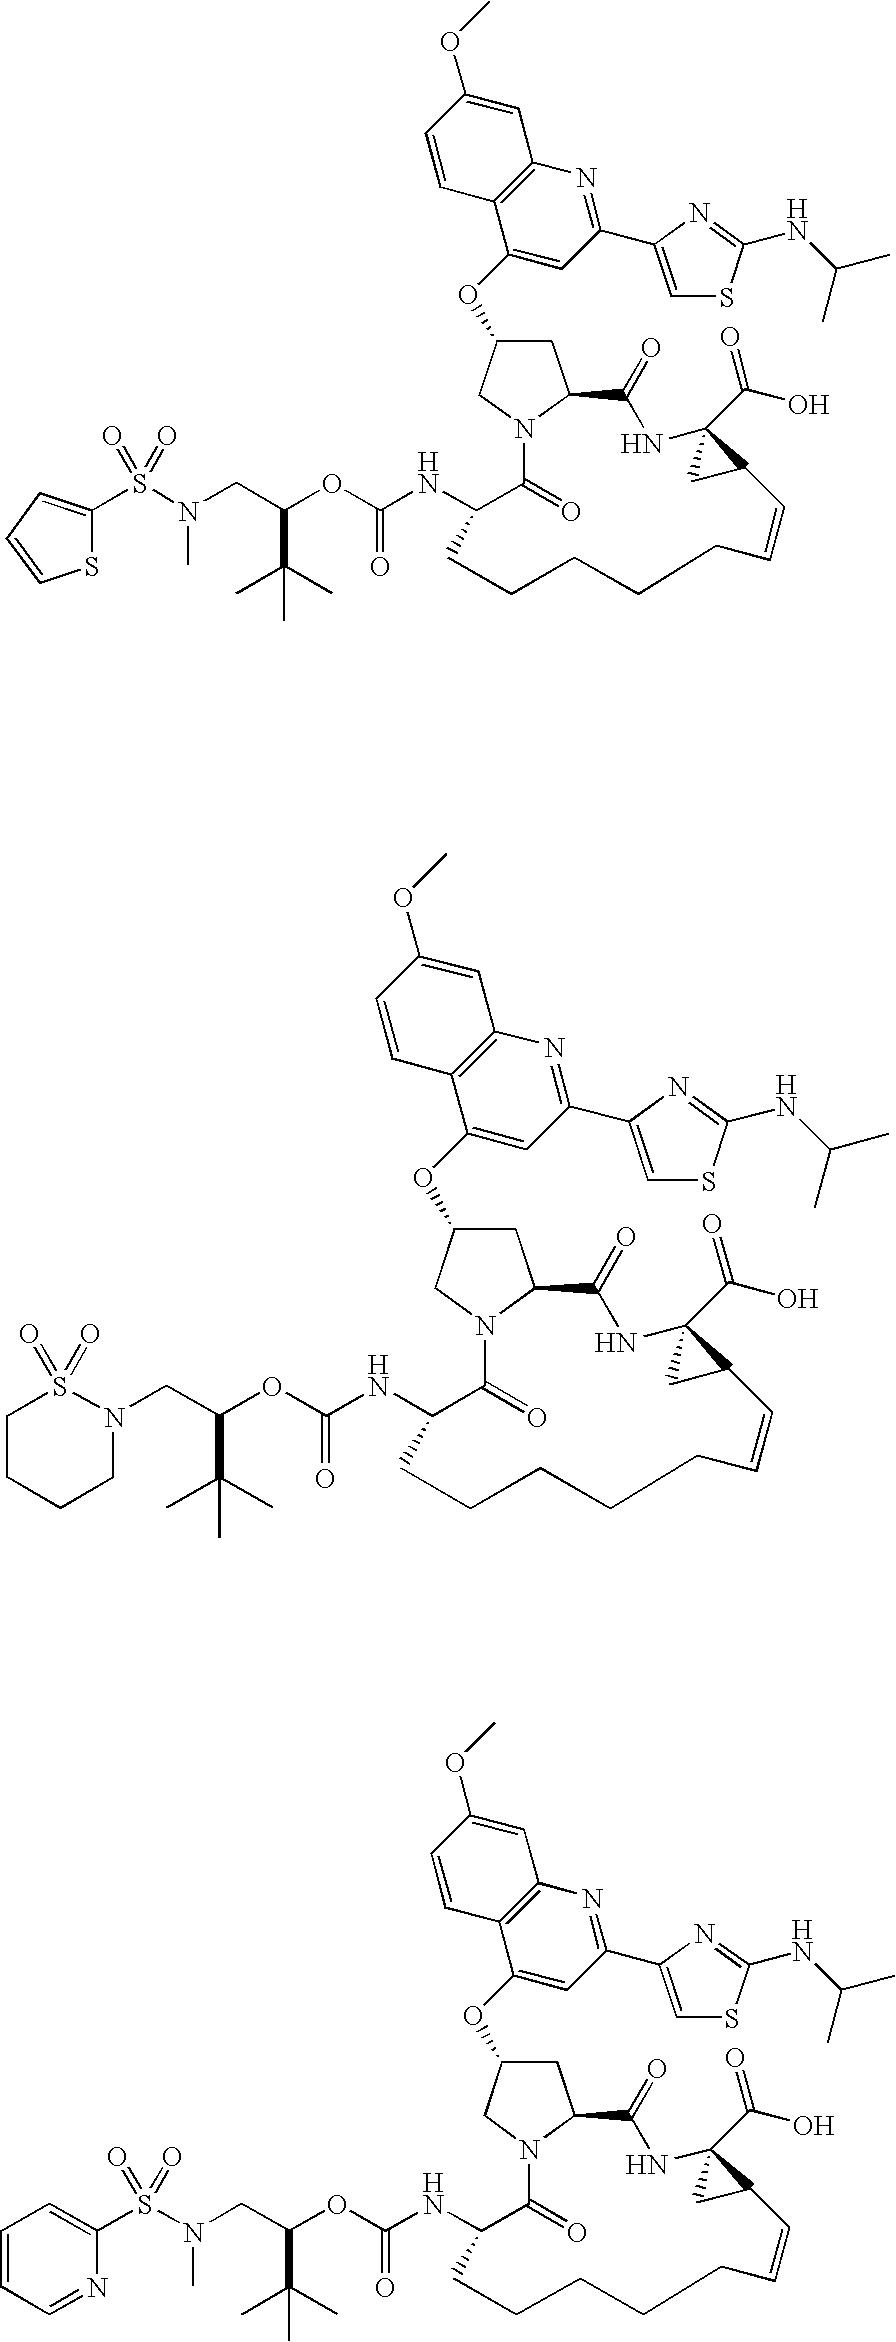 Figure US20060287248A1-20061221-C00179